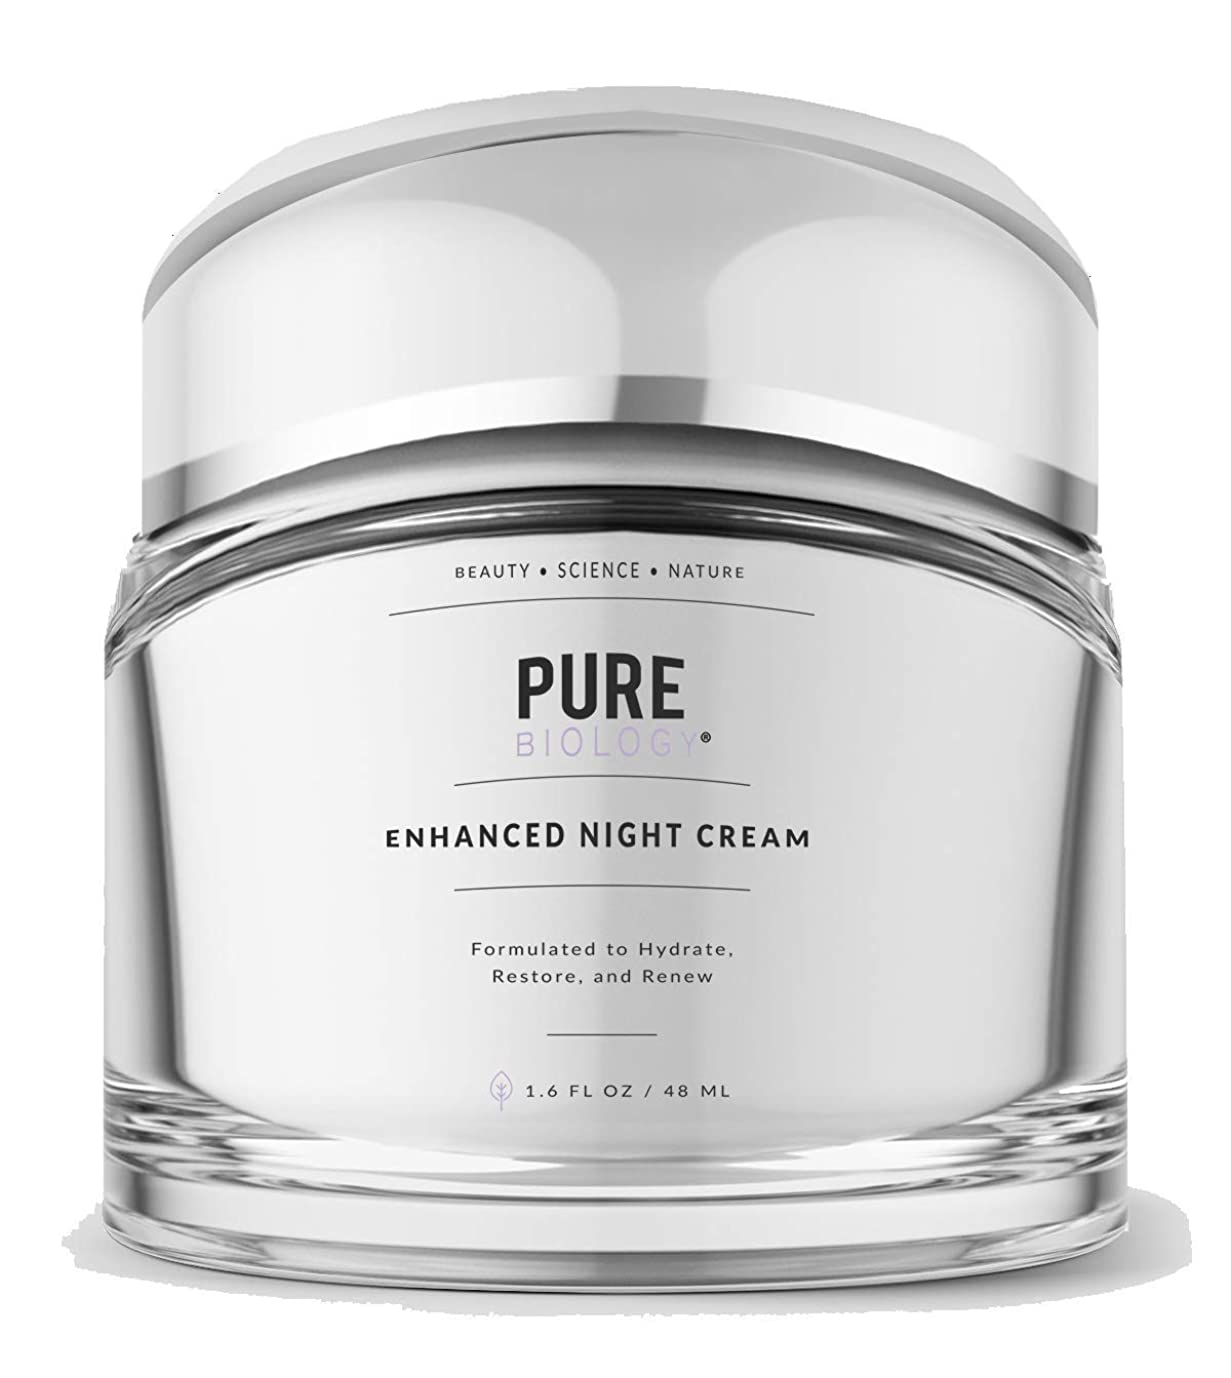 裁判官セクタ報いる[Pure Biology] [フェイスモイスチャライザー Premium Night Cream Face Moisturizer – Eye, Face & Neck Skin Care] (並行輸入品)